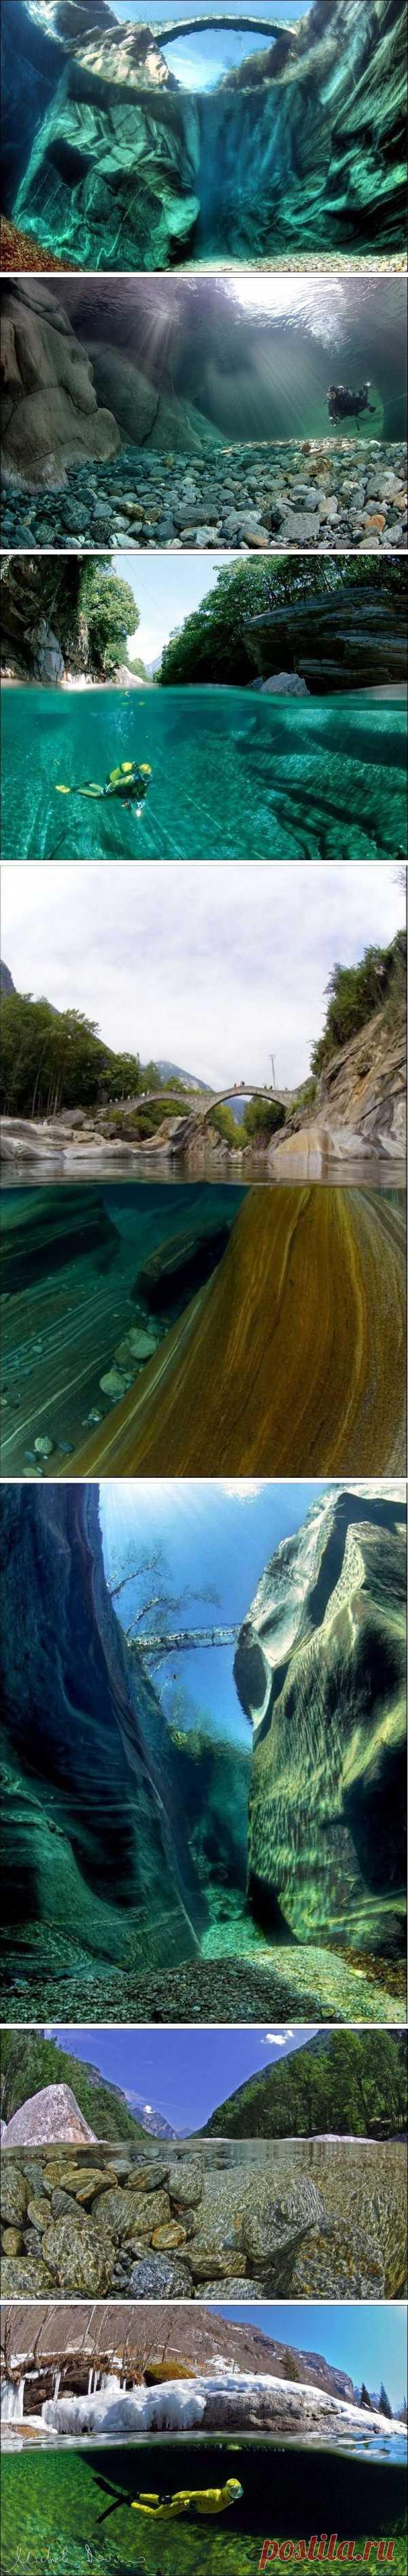 Кристально чистая вода на глубине 15 метров. Река Верзаска, Швейцария